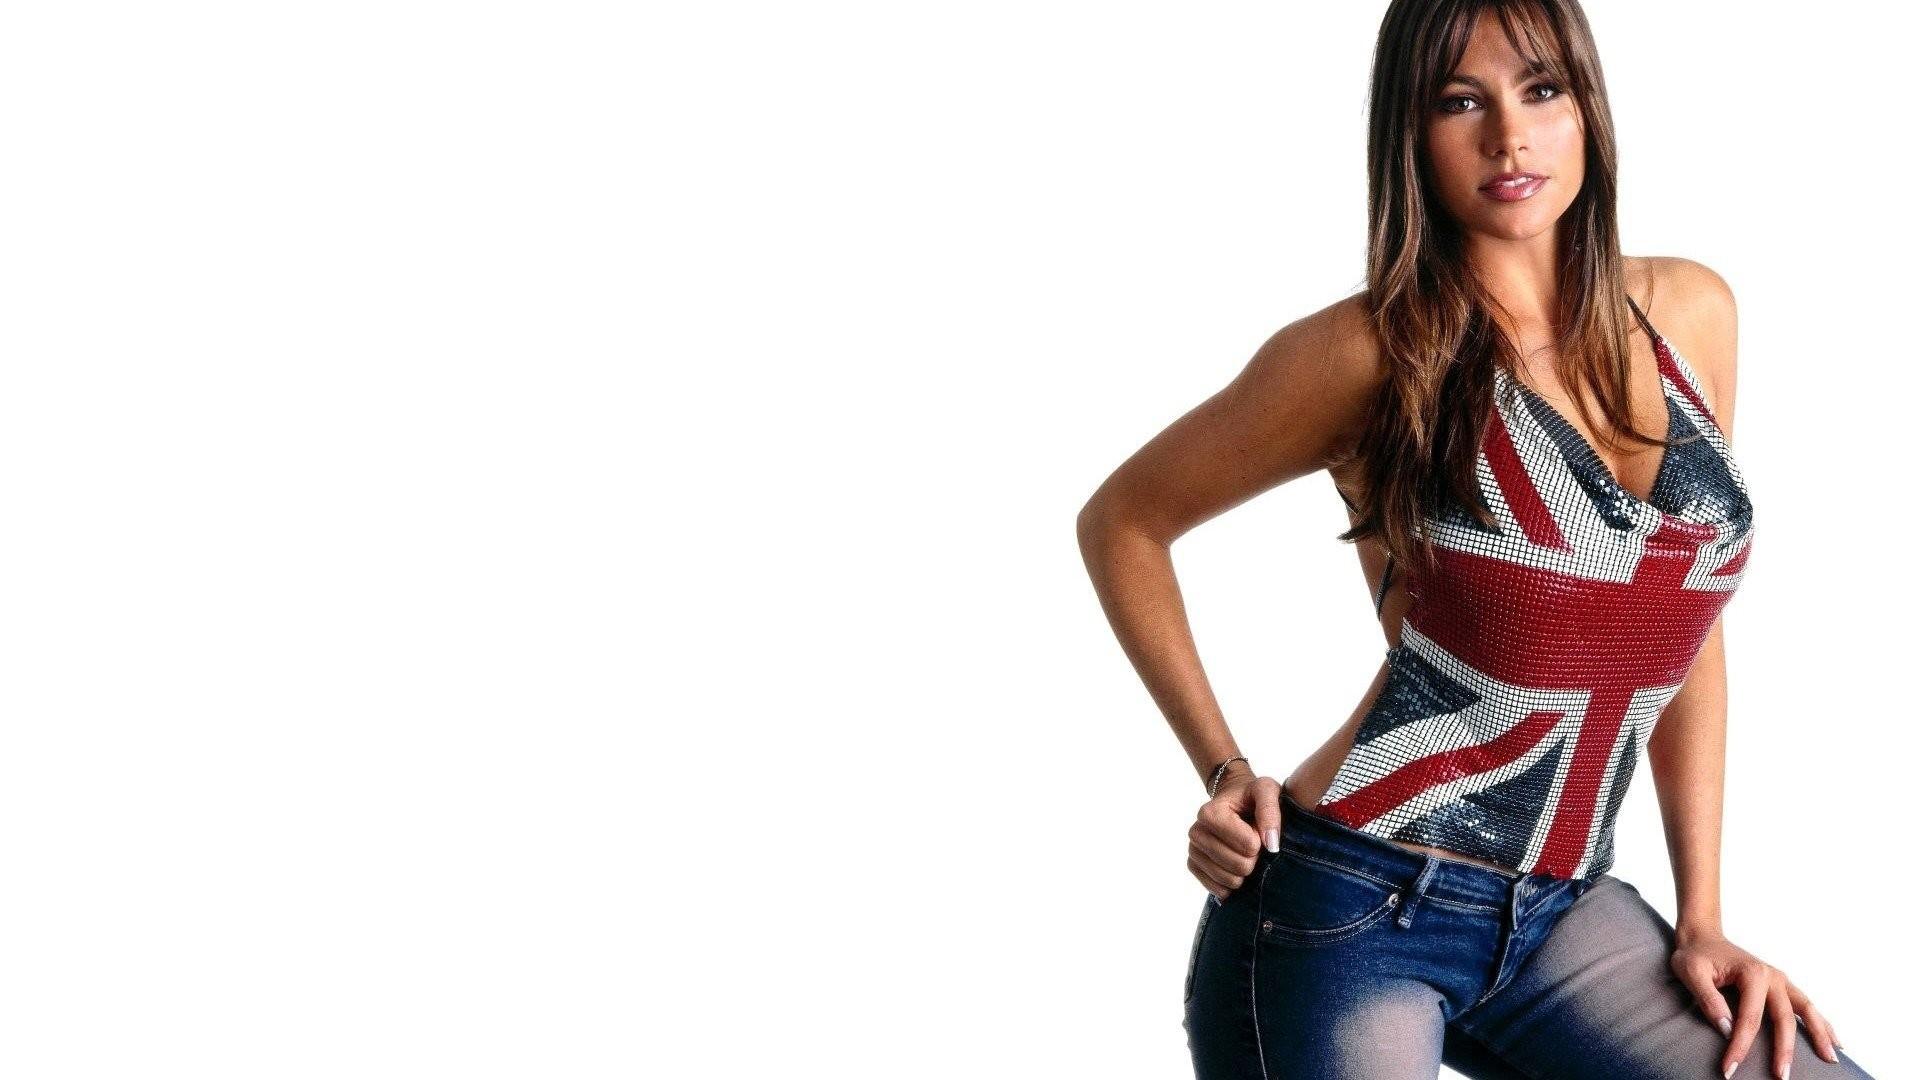 SOFIA VERGARA – Actress Women Jeans flag wallpaper | | 516649 |  WallpaperUP